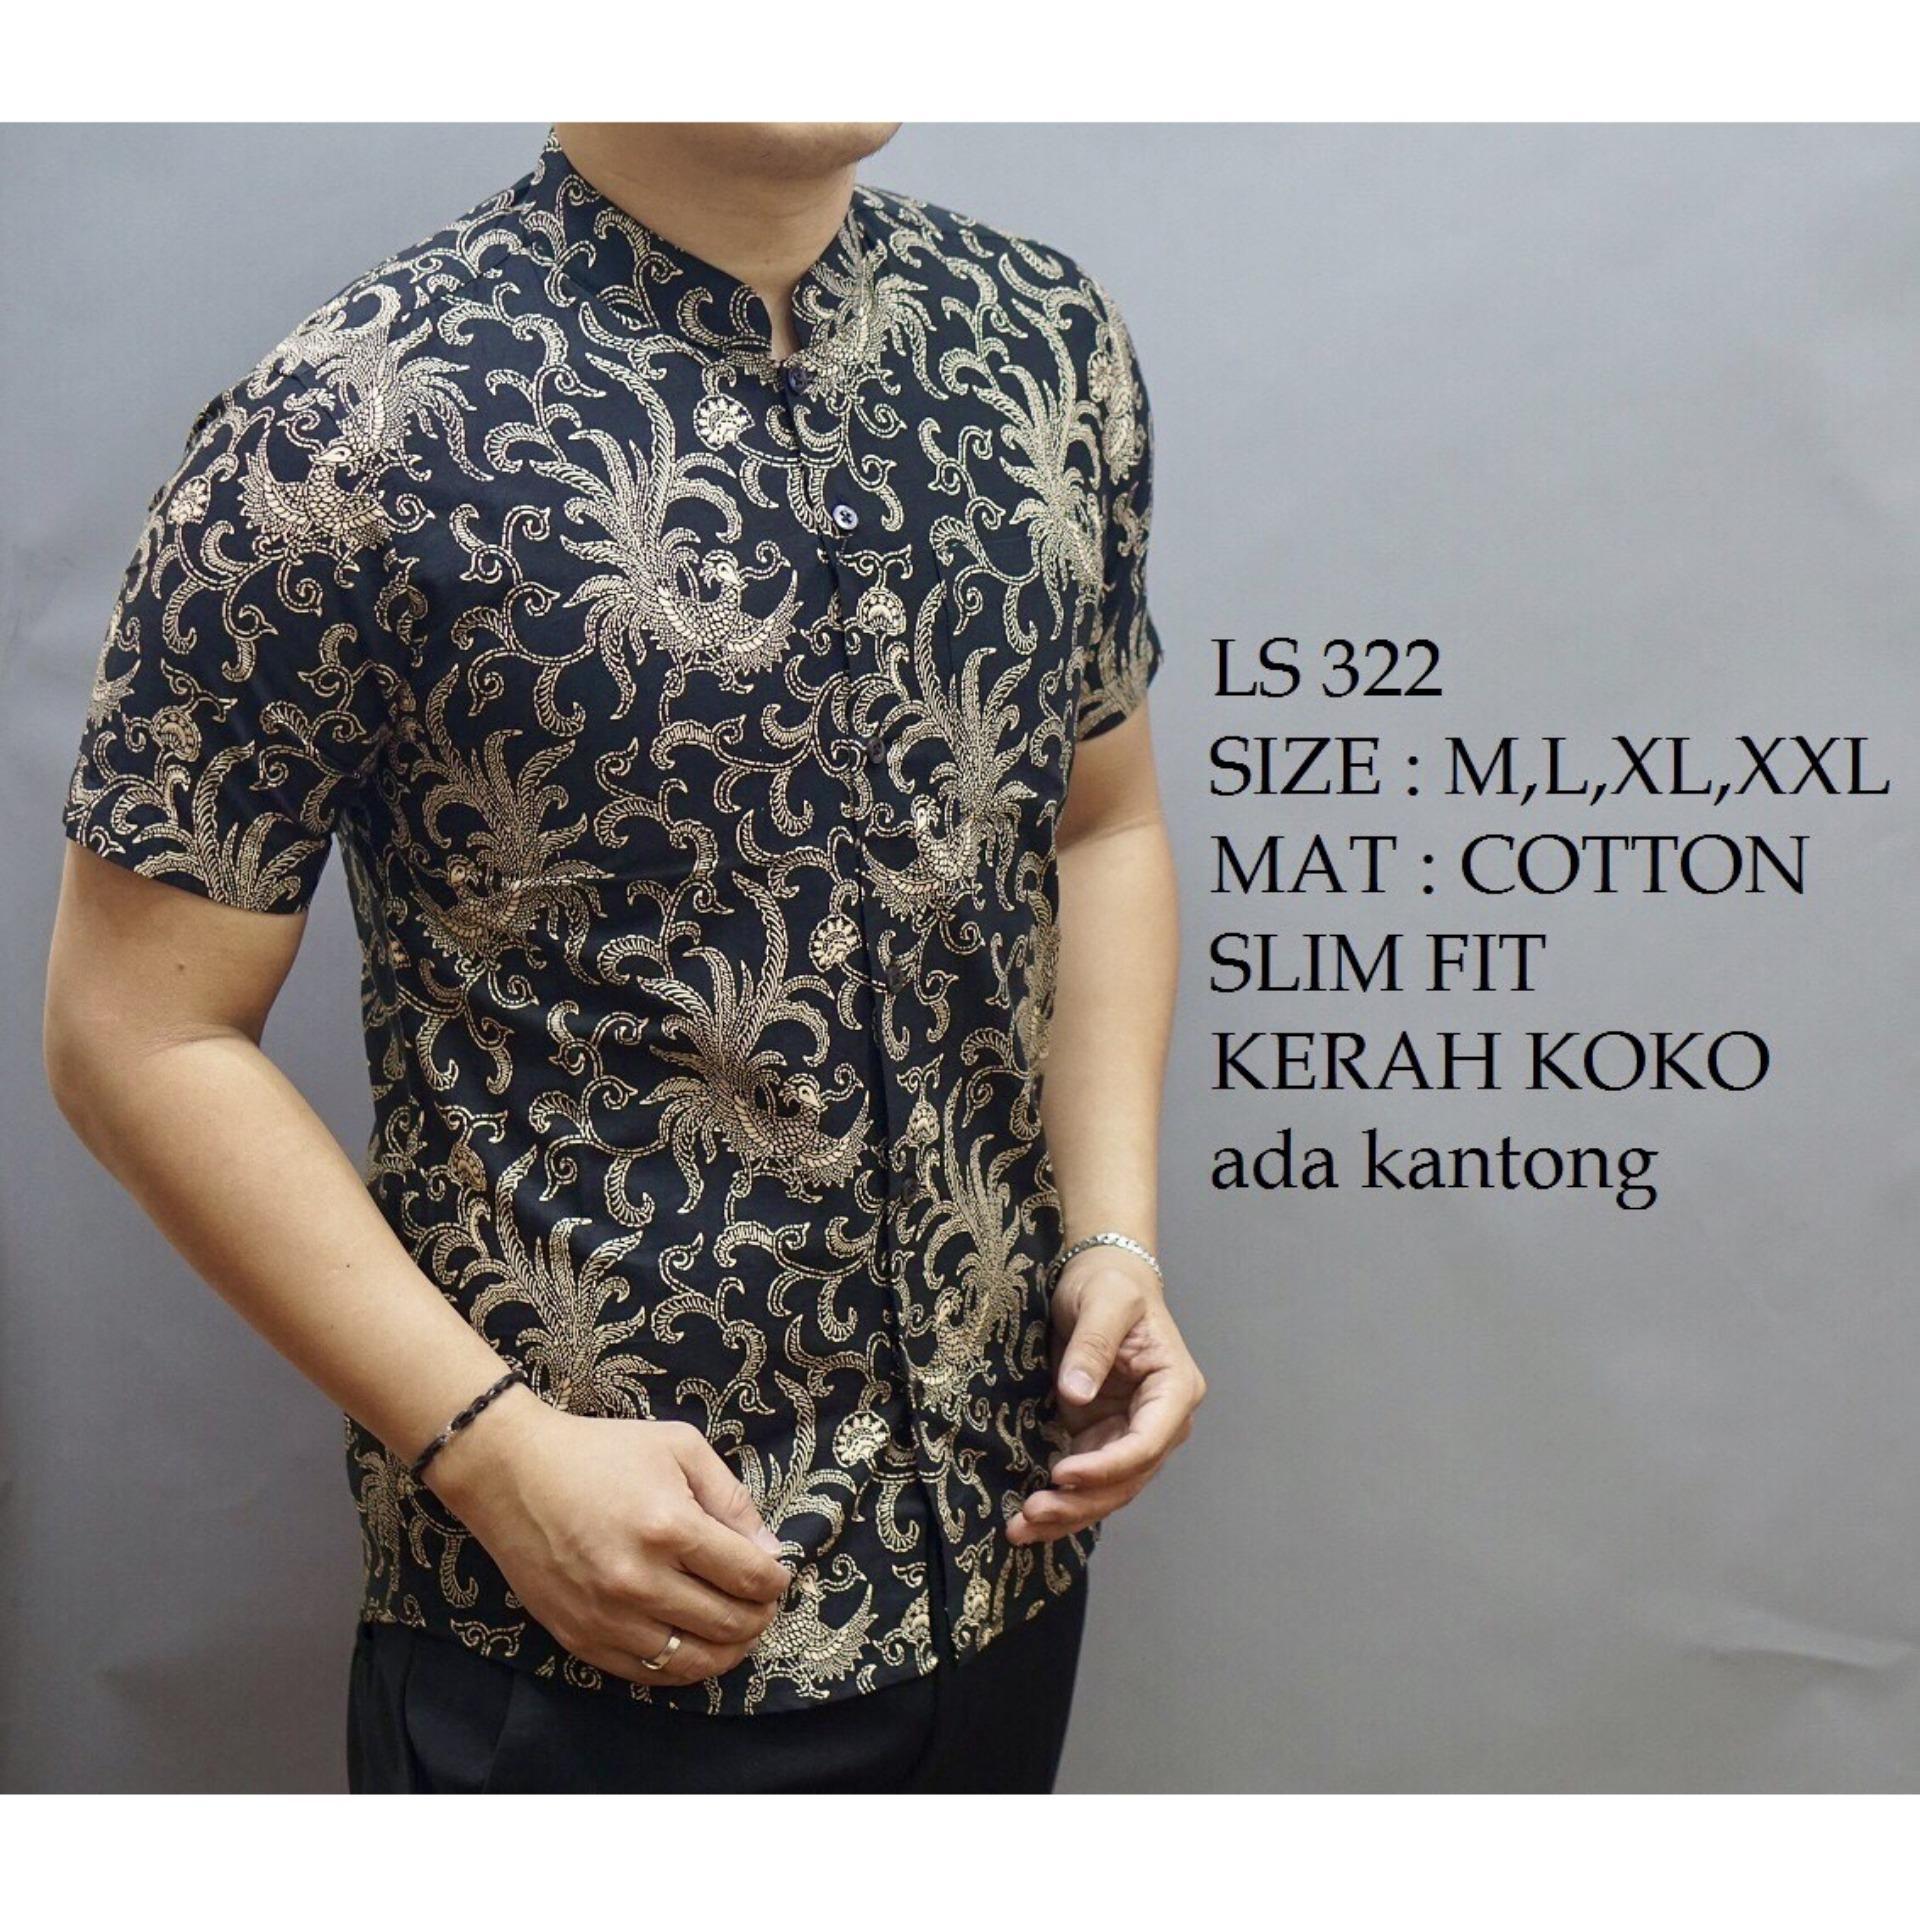 TOKO INDONESIA-Perbandingan harga Pakaian Muslim Pria dada -30 05 18 25bcefbf45